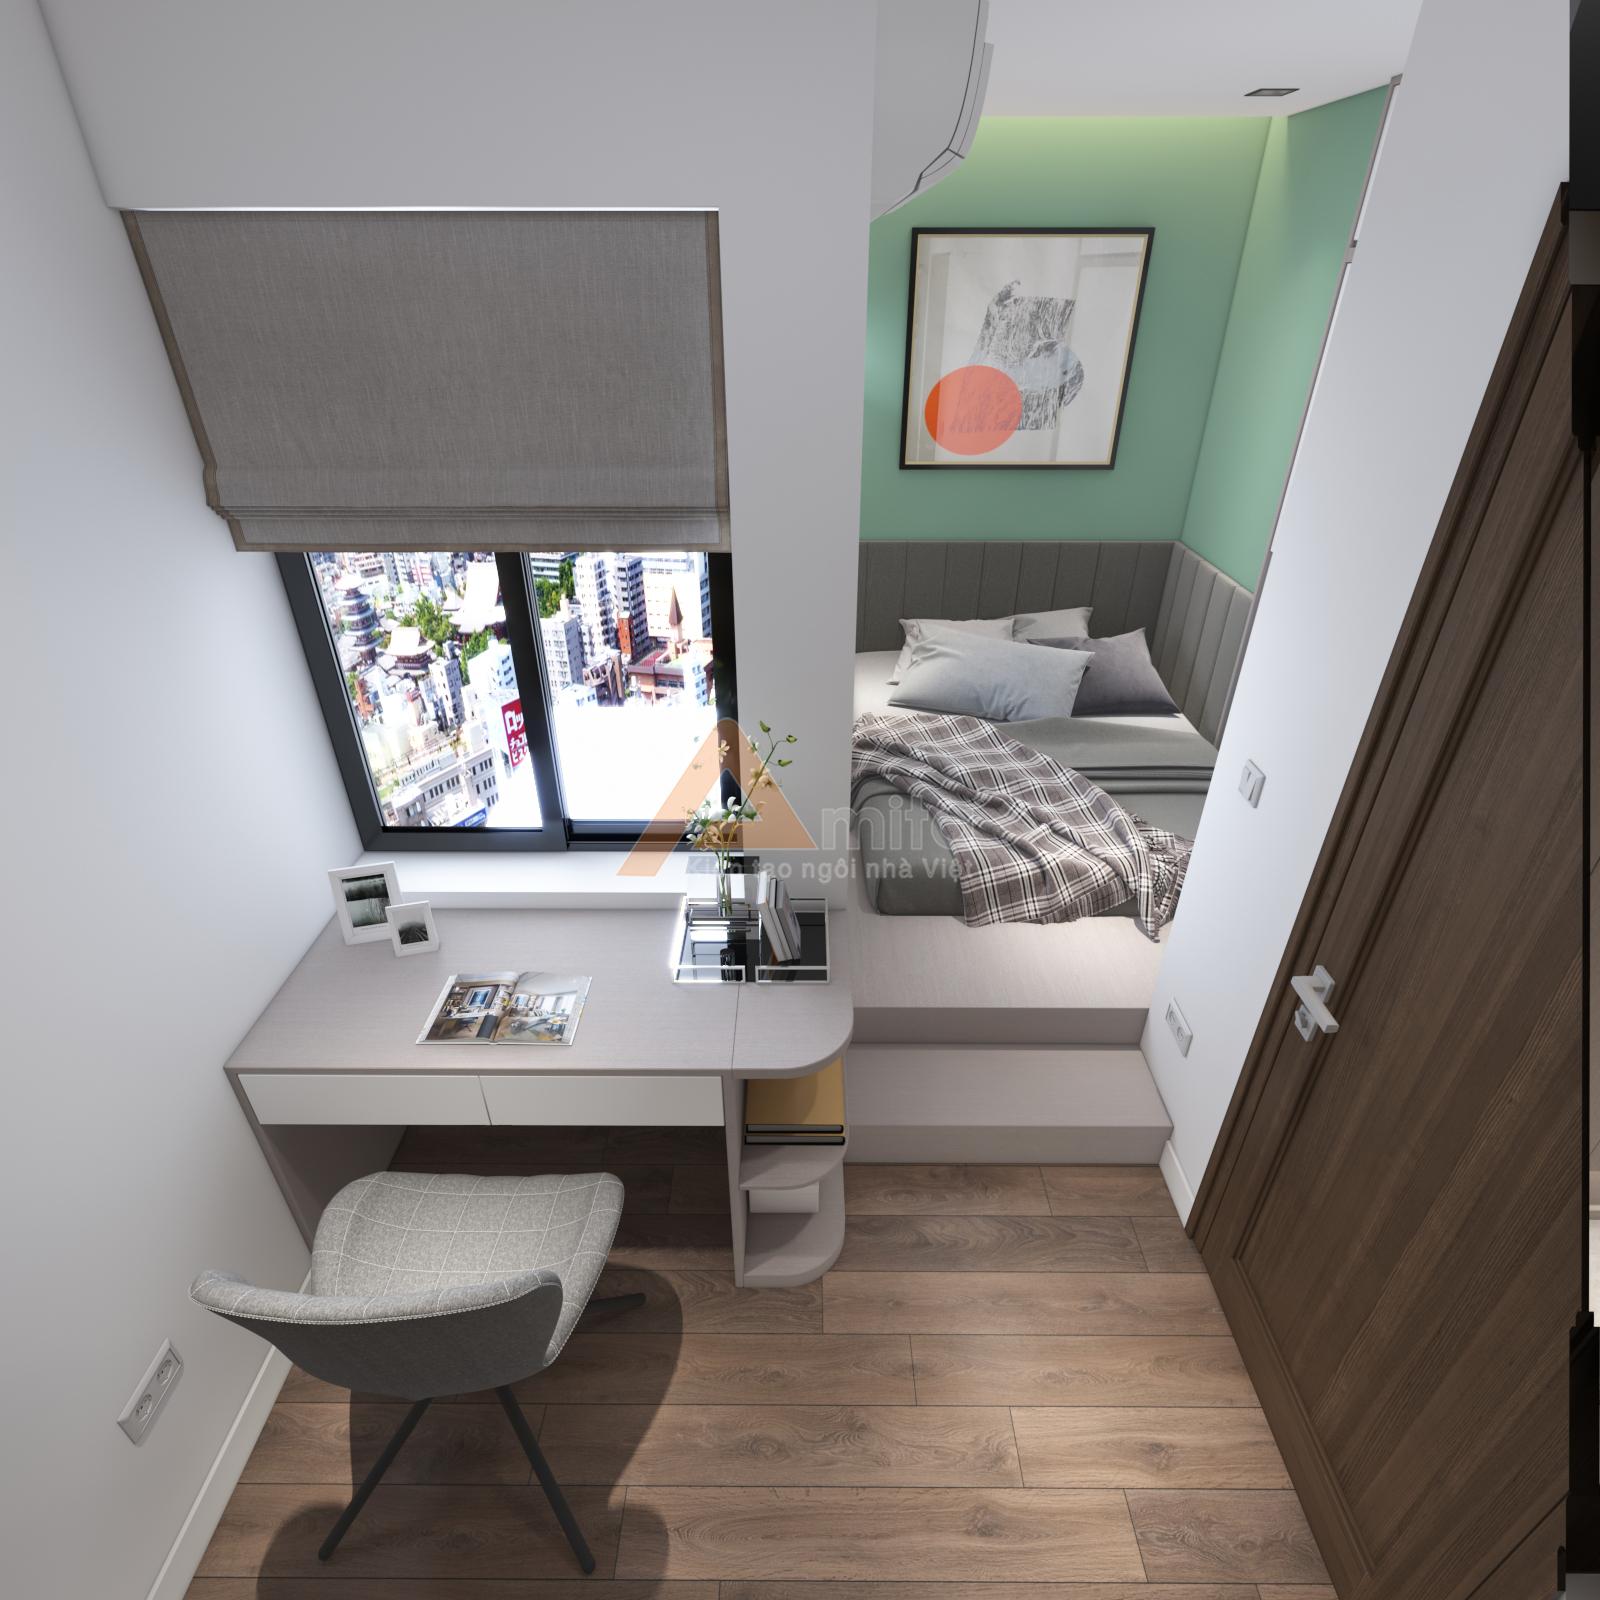 thiết kế nội thất chung cư tại Hà Nội Chung cư New Skyline - Văn Quán 15 1572341533